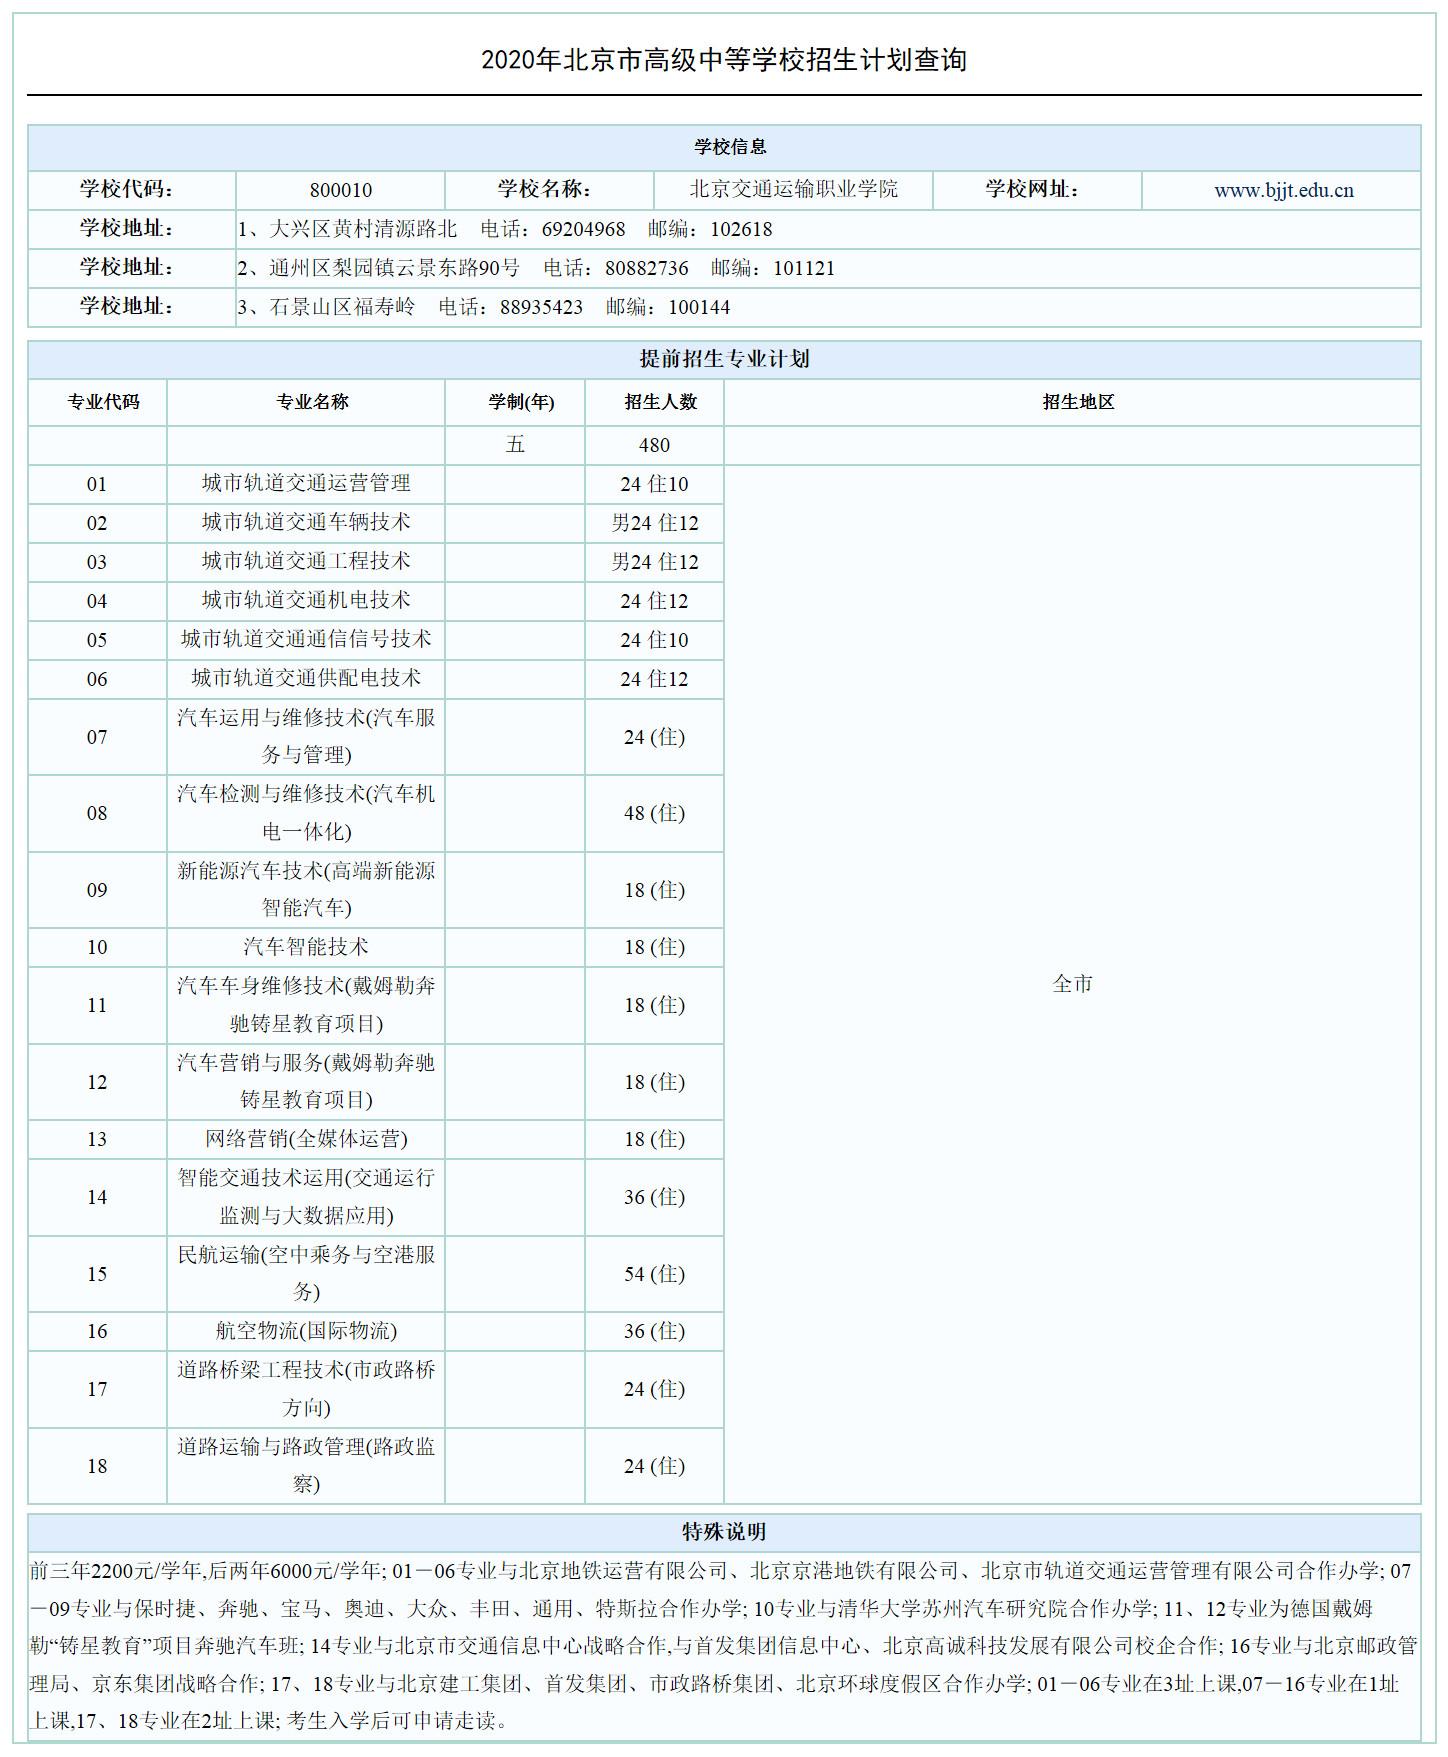 2020北京交通运输职业学院提前招生计划公布(市属五年制高职)